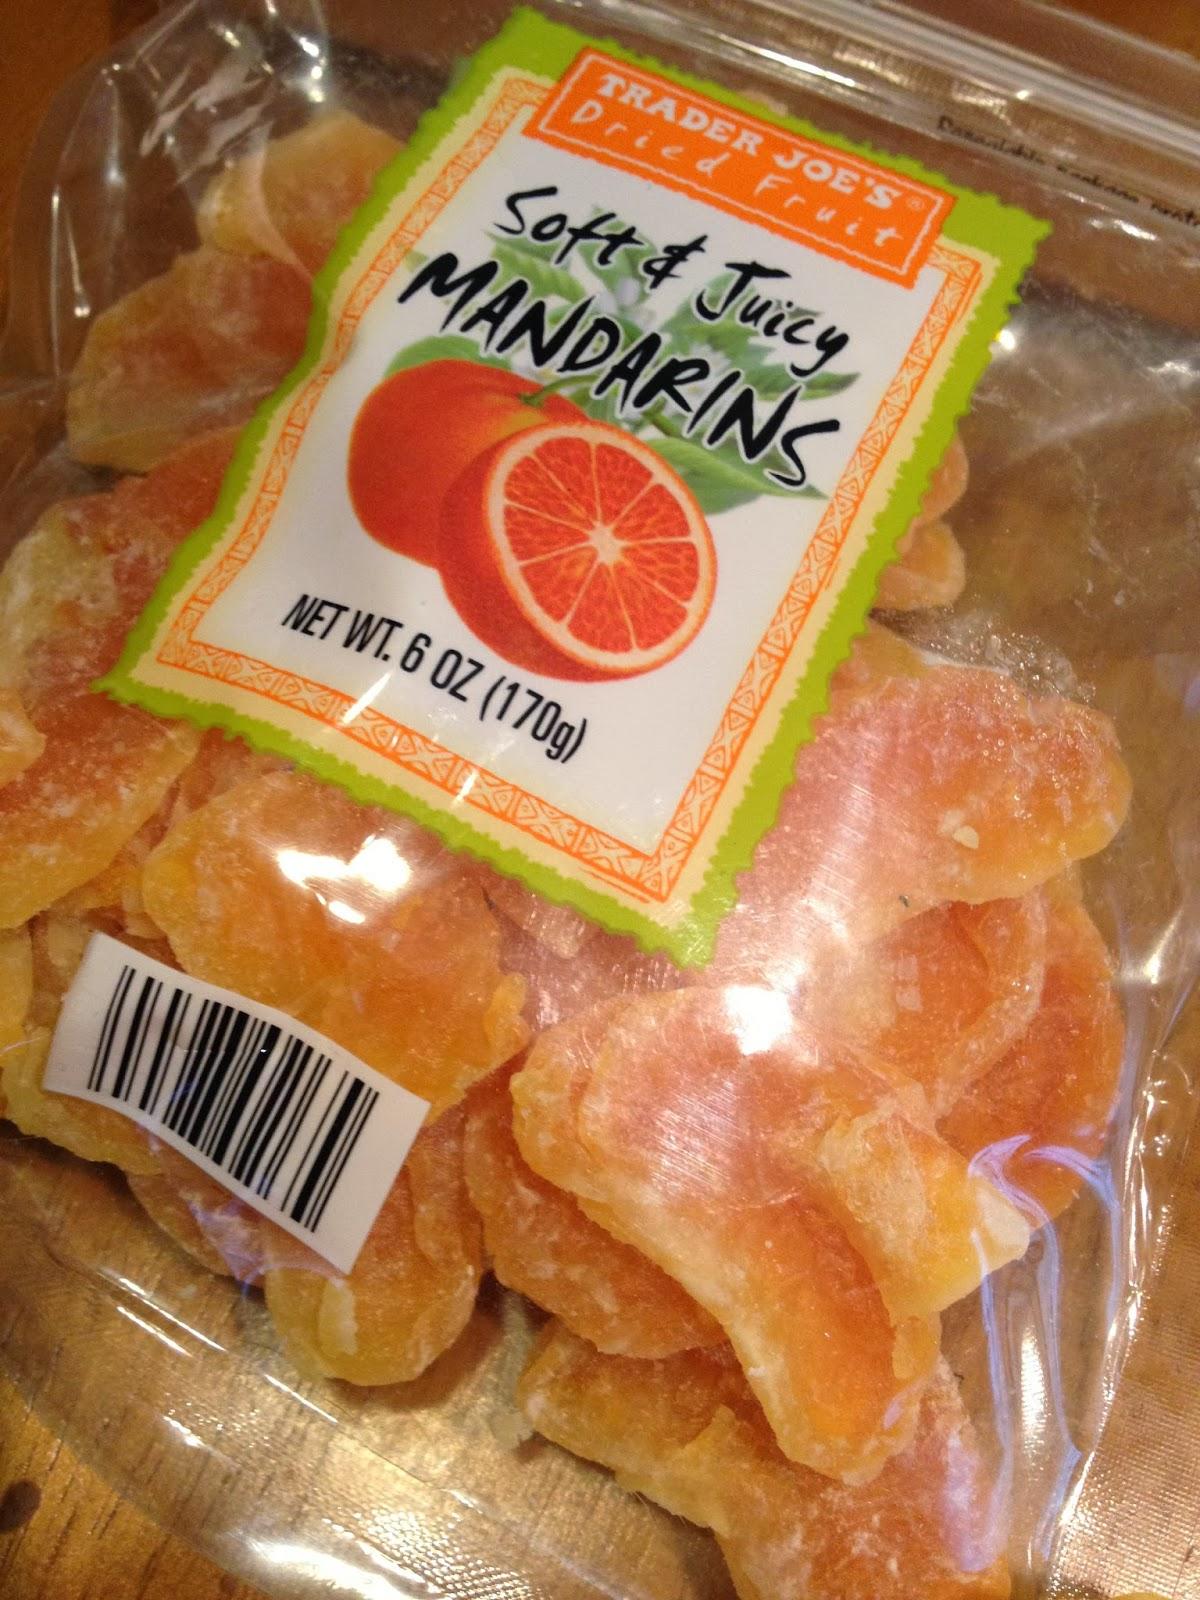 Trader joe s dried fruit soft and juicy mandarins for Trader joe s fish